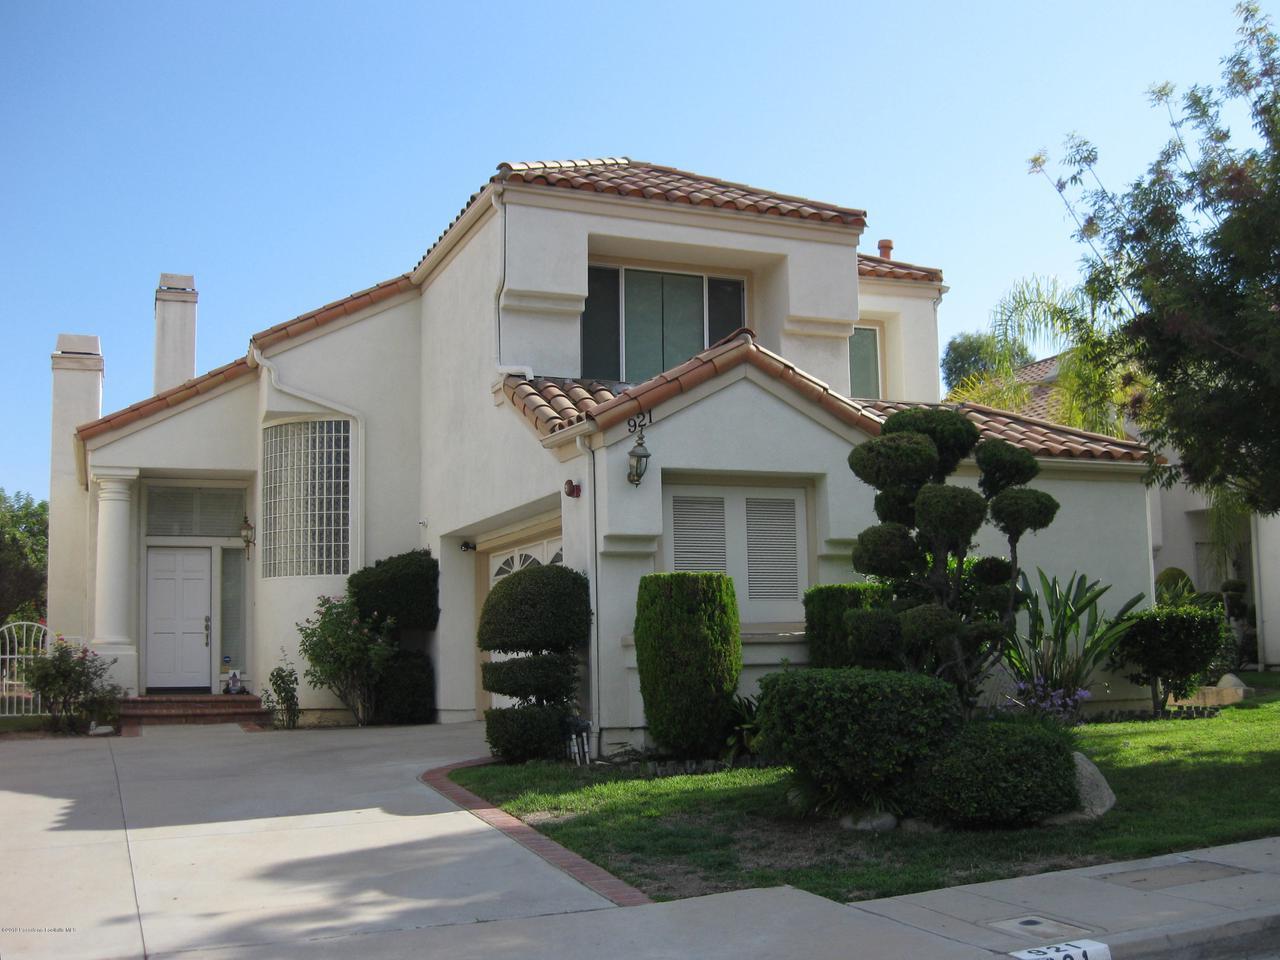 921 CALLE SIMPATICO, Glendale, CA 91208 - 921 Calle Simpatico